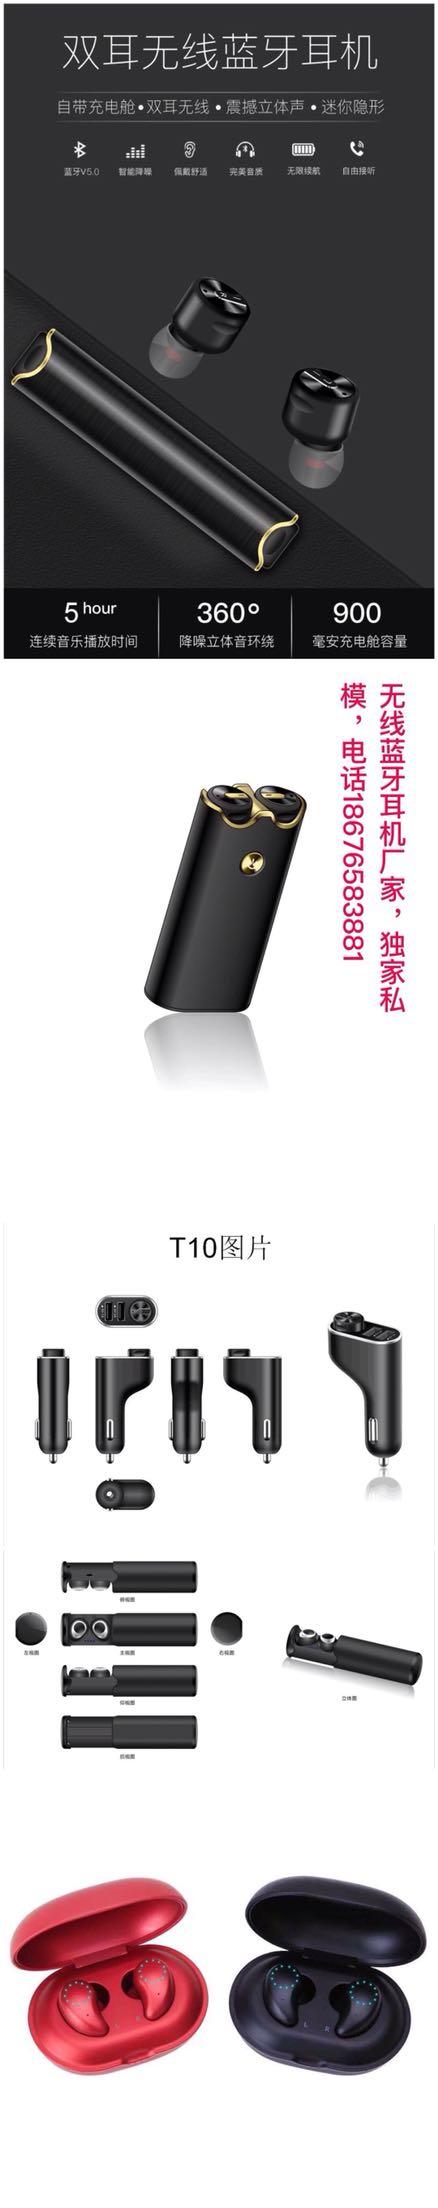 高品质TWS蓝牙耳机